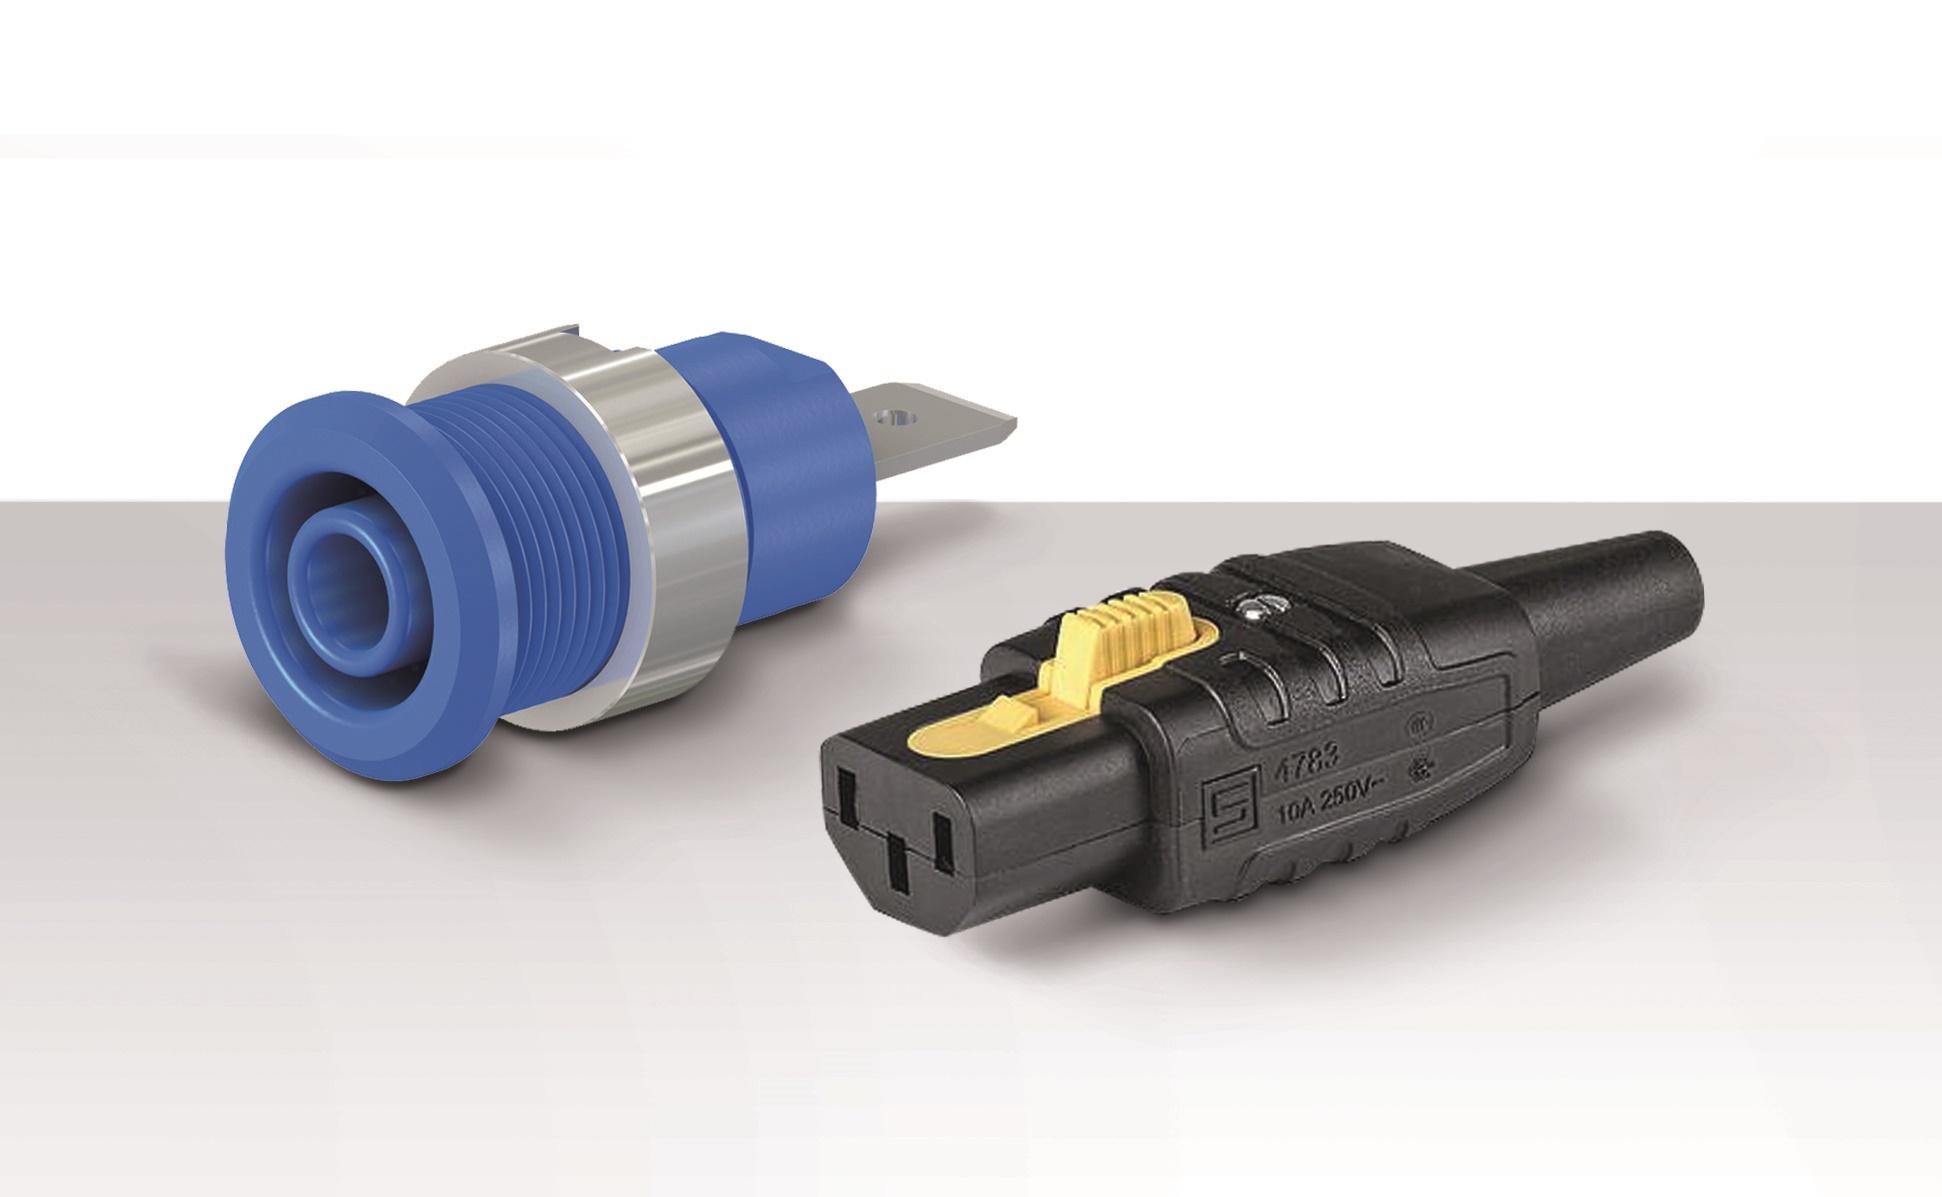 Erweitertes Kabel- und Steckersortiment